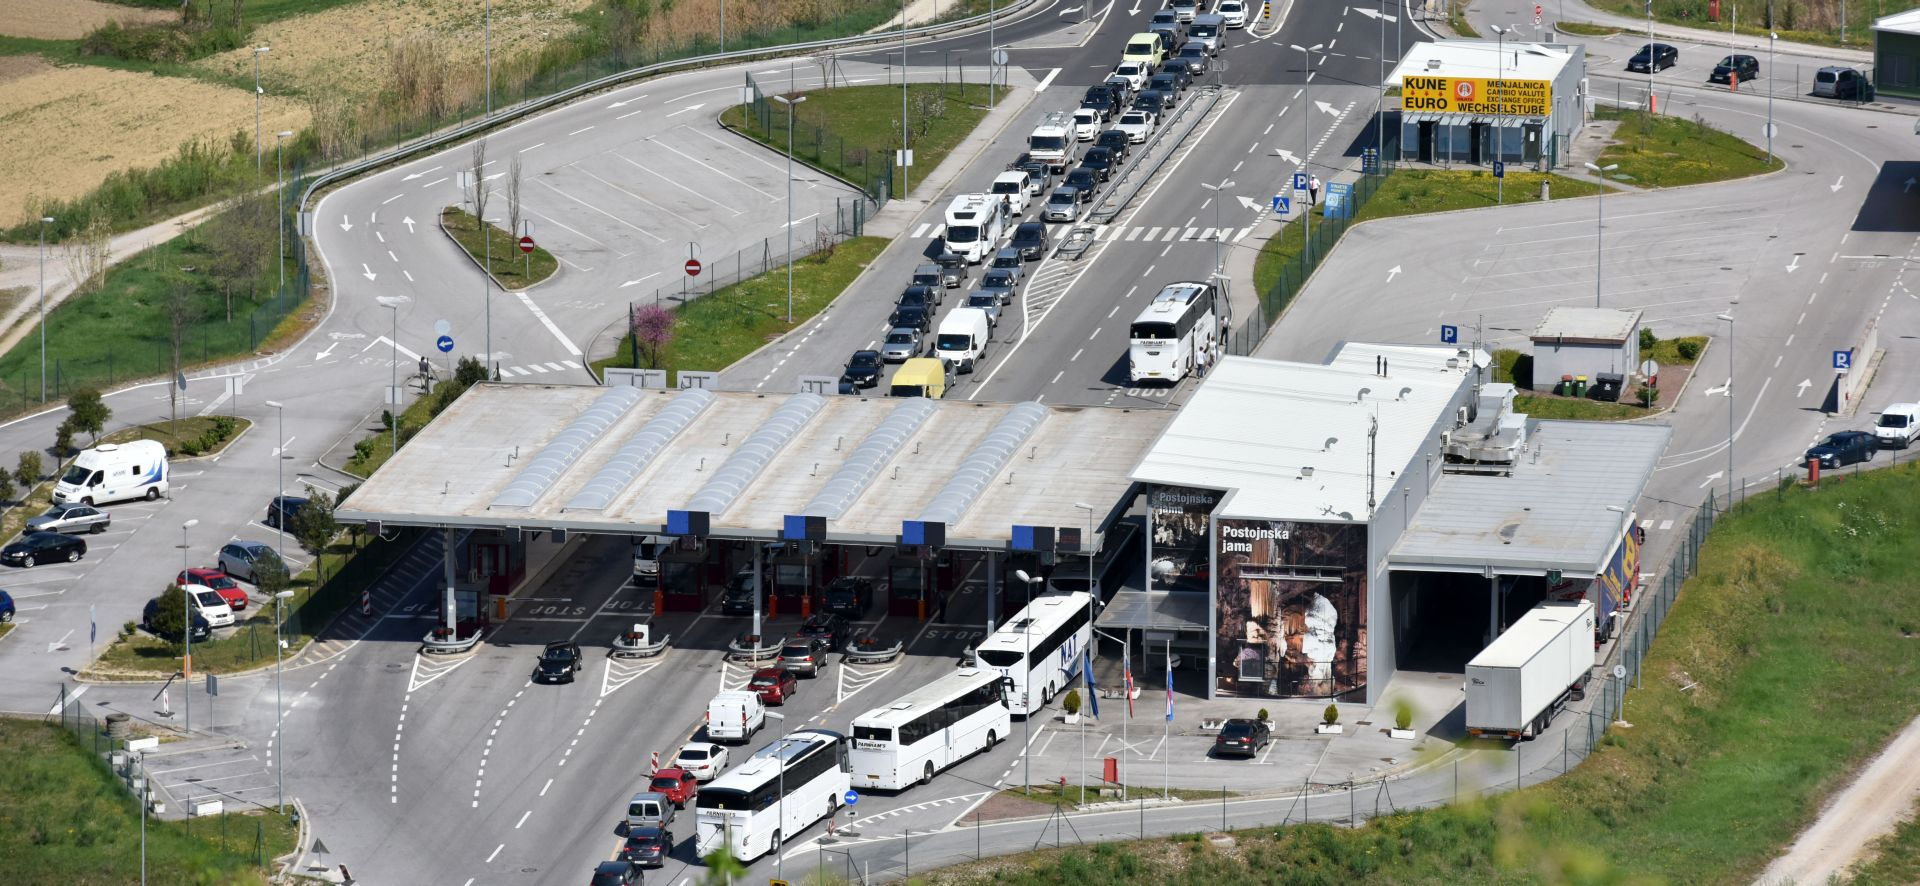 HAK Gužve na graničnim prijelazima, provjerite dokumente prije polaska na put